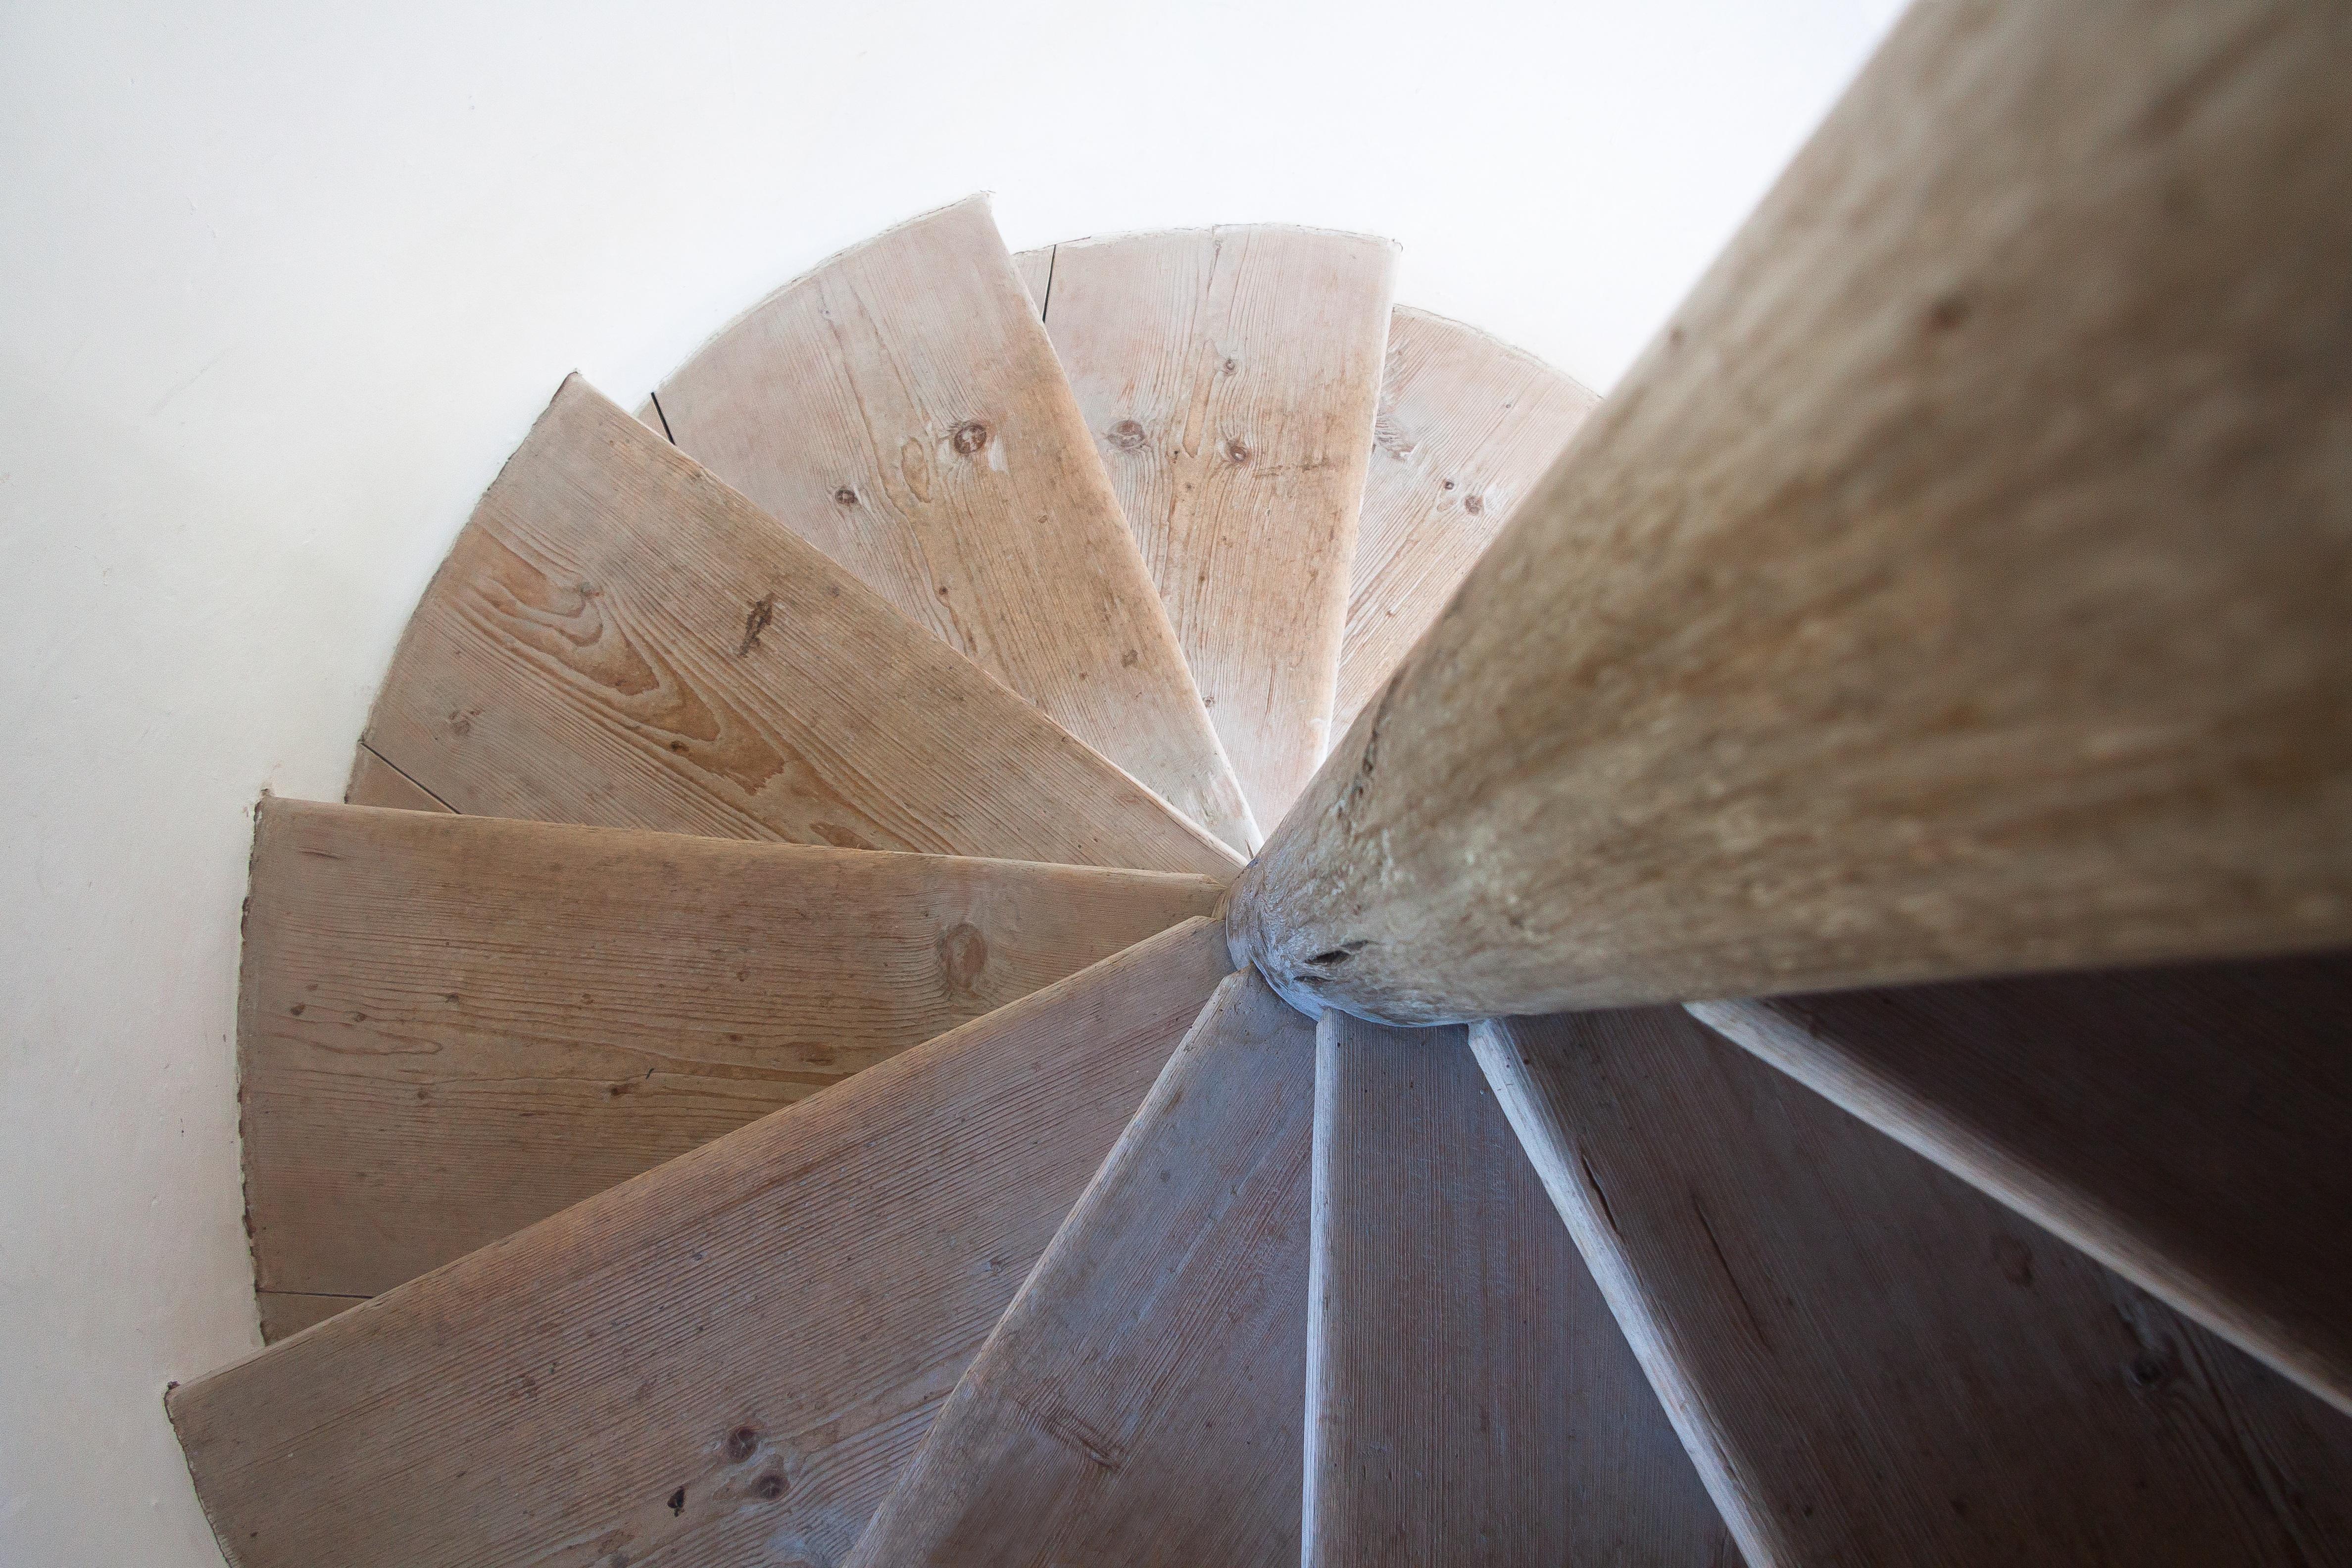 Tour A Bois Accessoires à images gratuites : aile, architecture, structure, bois, antique